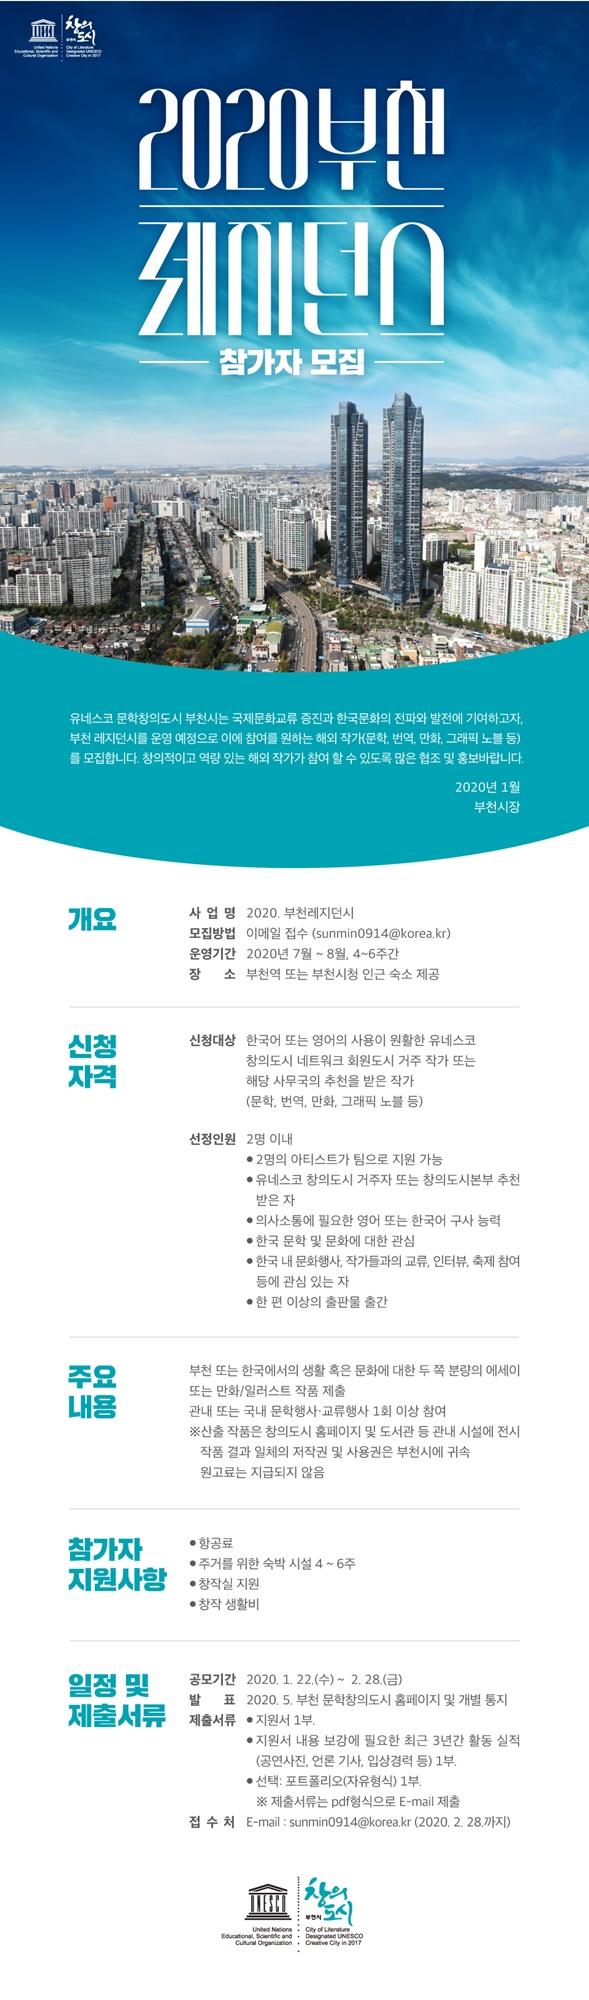 ▲ 2020 부천 레지던시 프로그램 홍보문